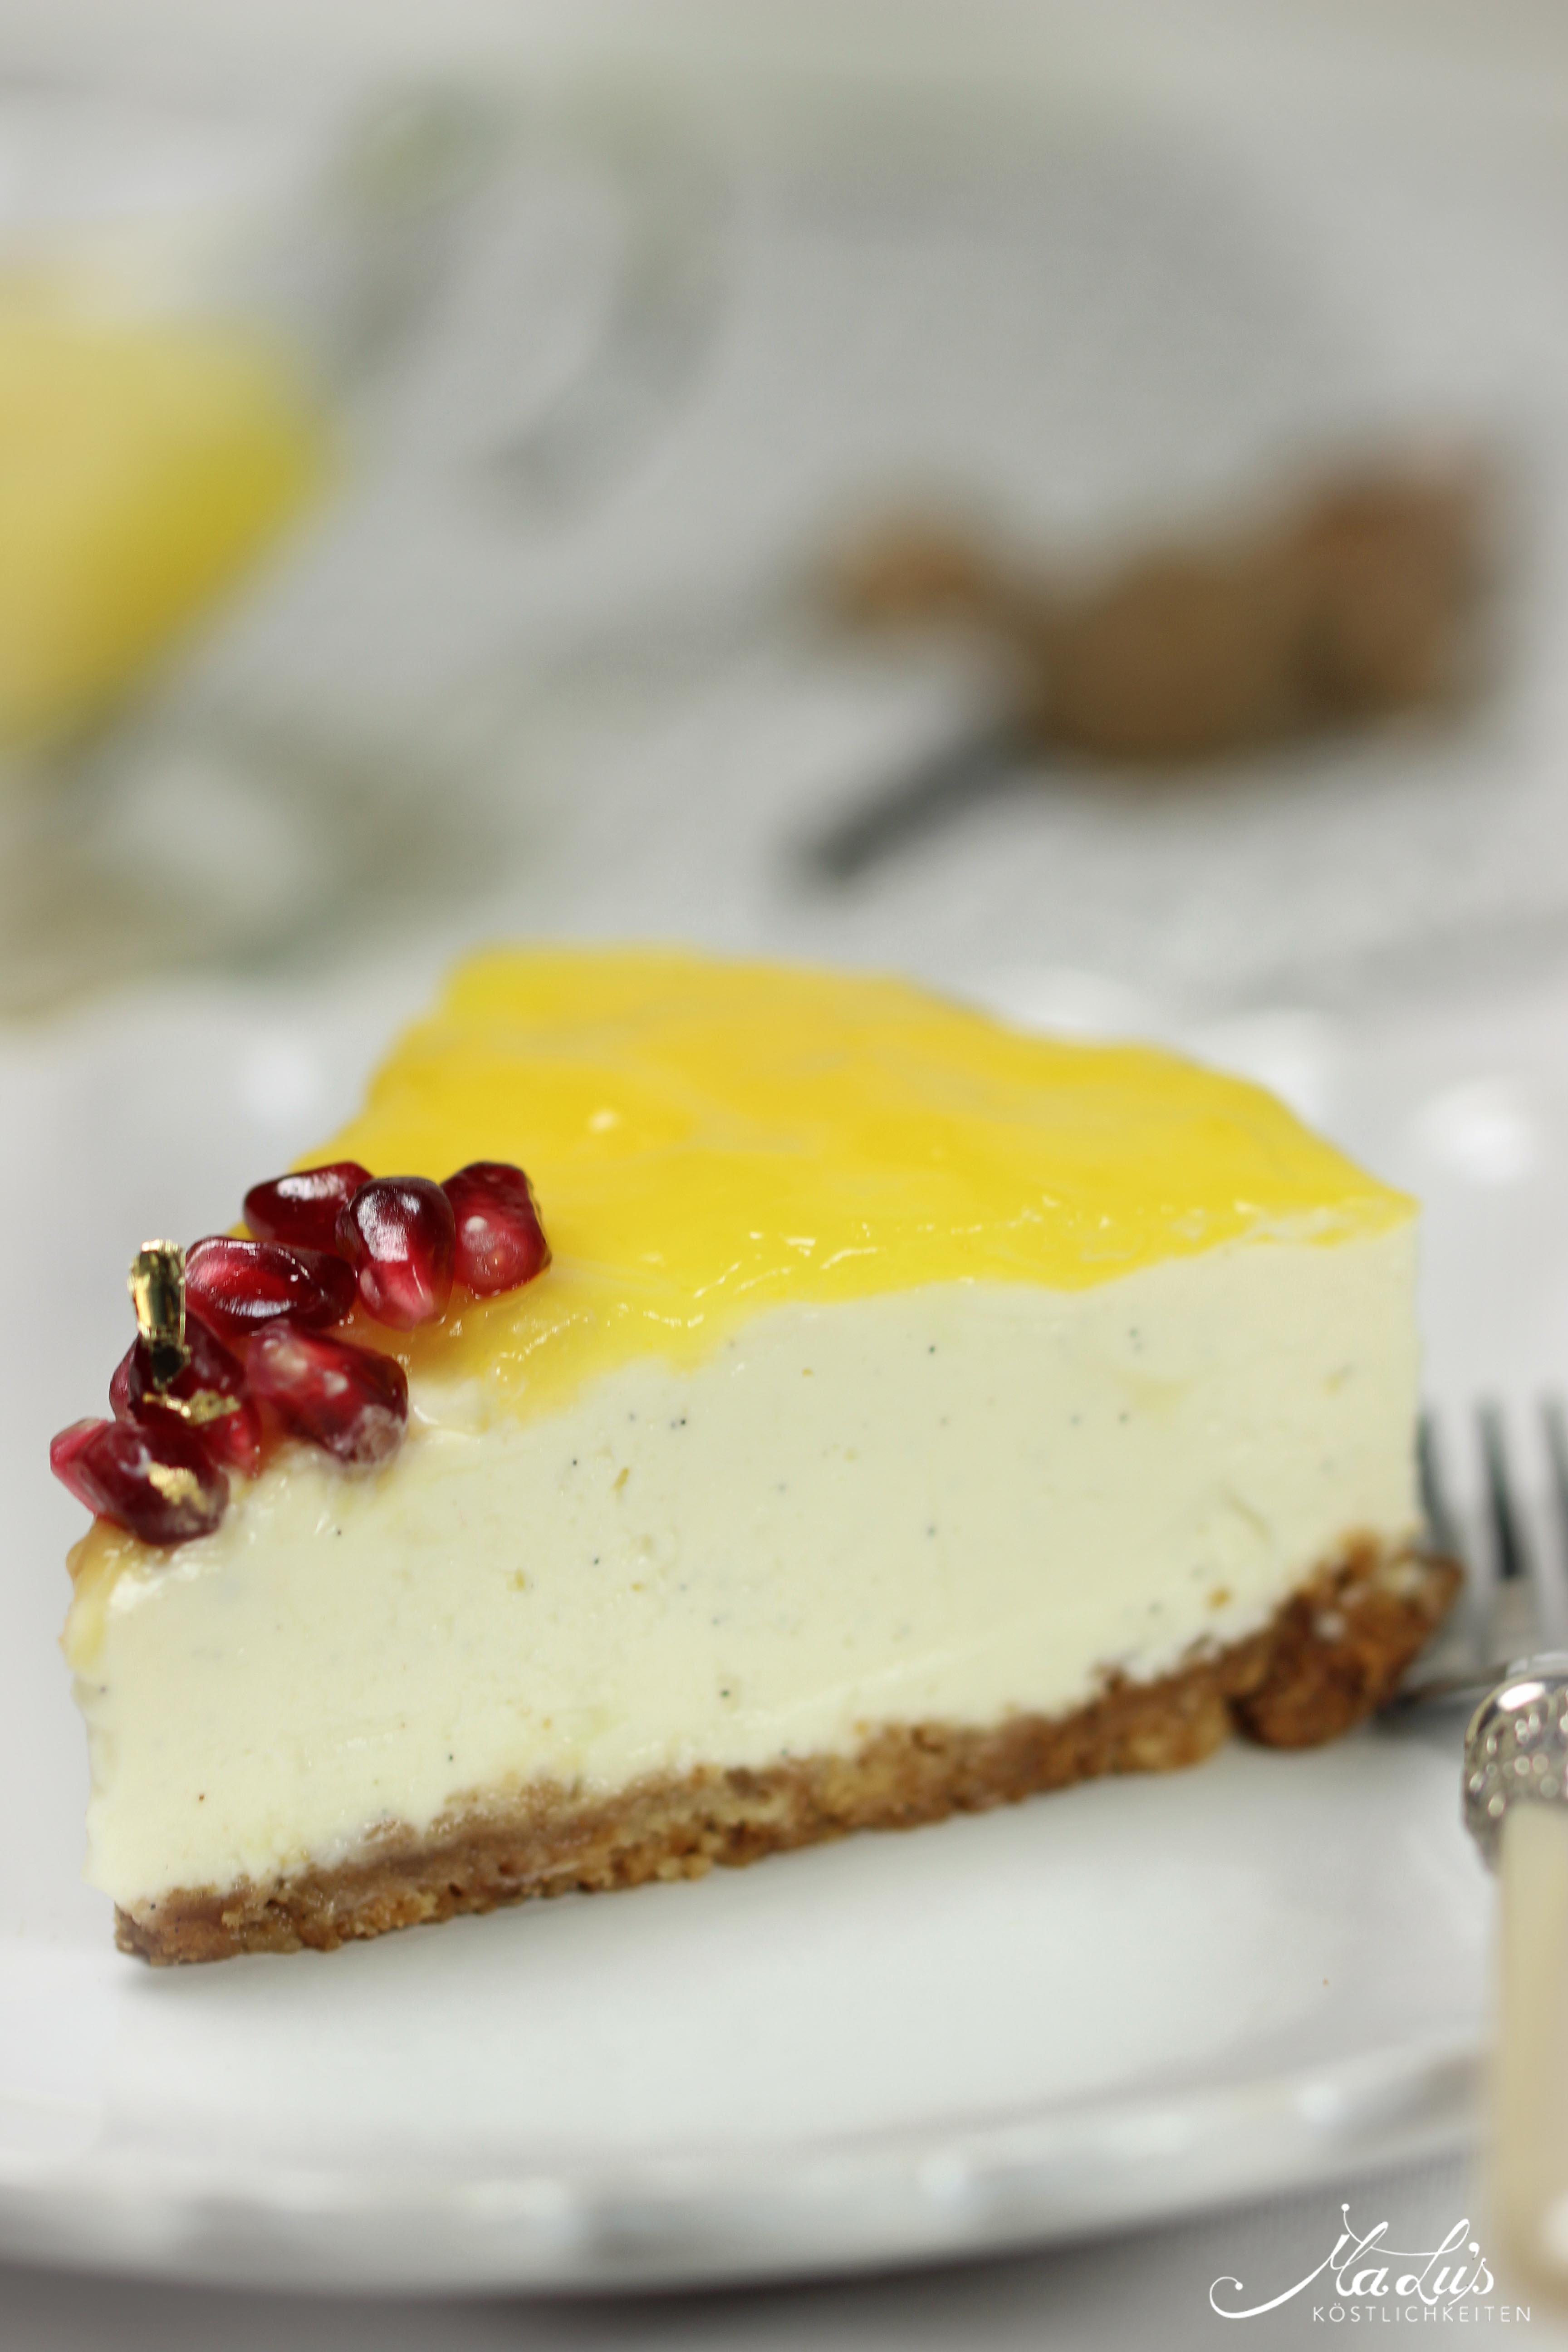 Vanille Cheesecake mit Orangen 62